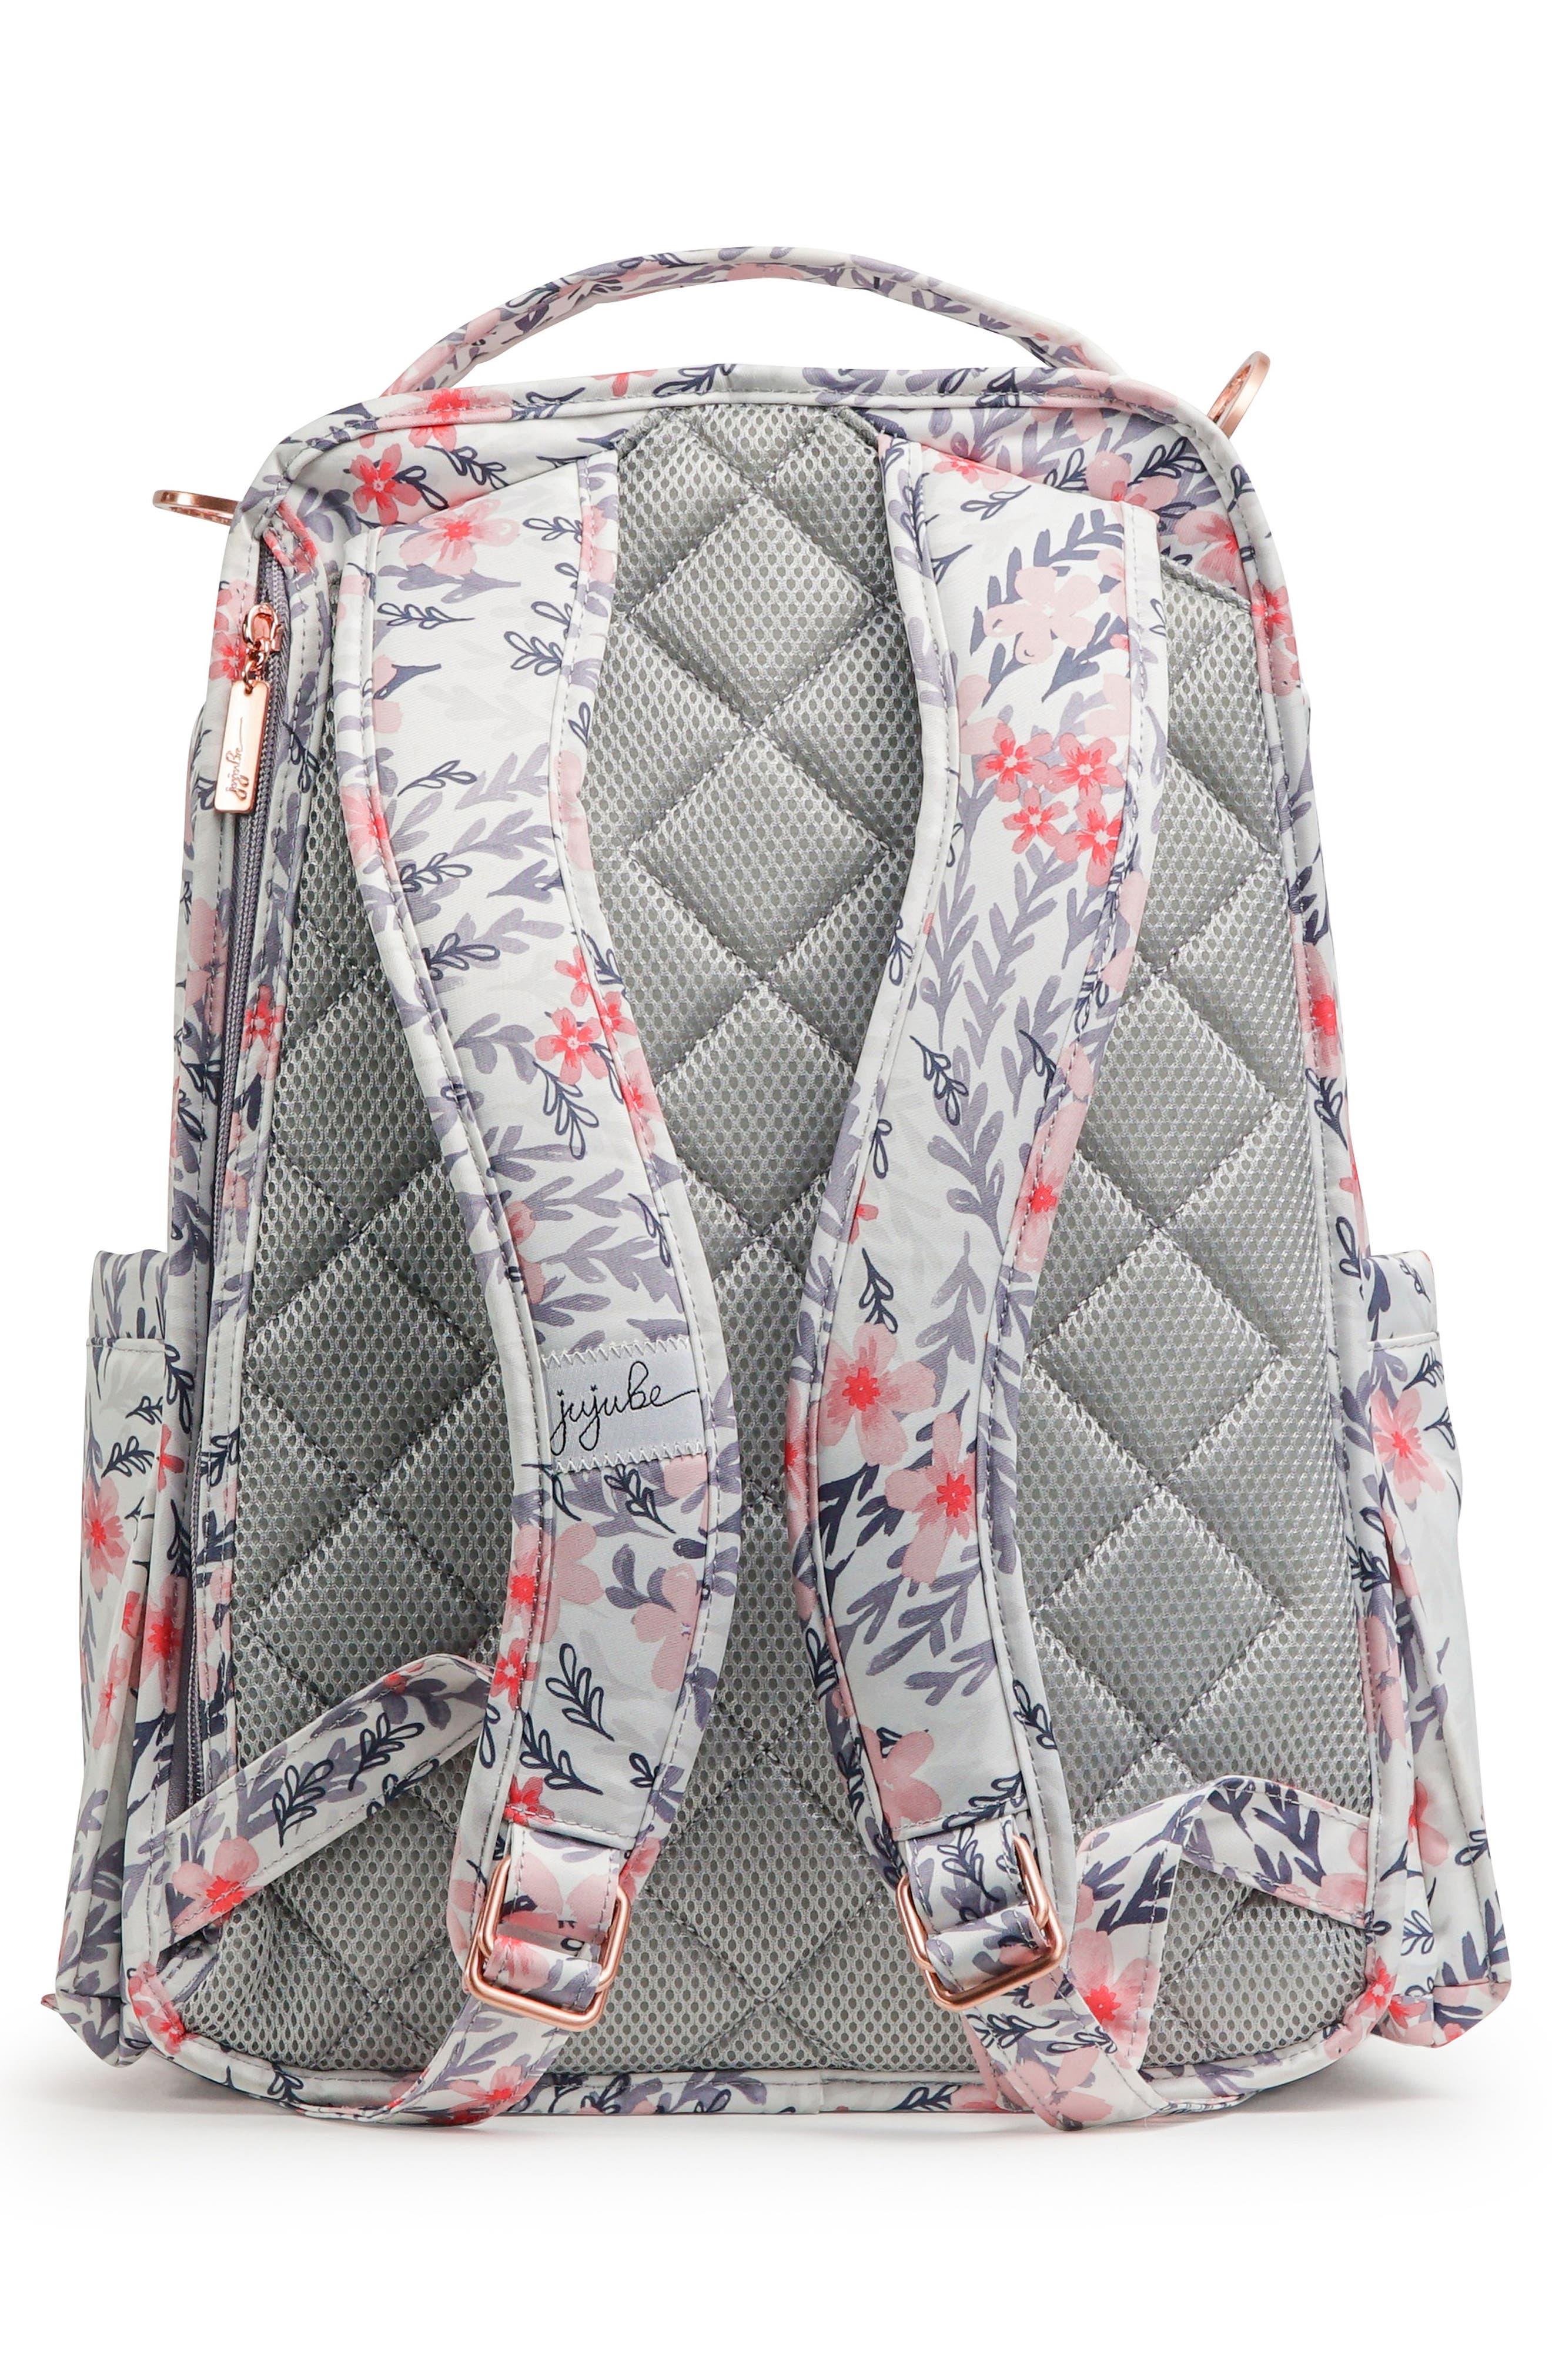 Be Right Back Diaper Backpack,                             Alternate thumbnail 3, color,                             SAKURA SWIRL